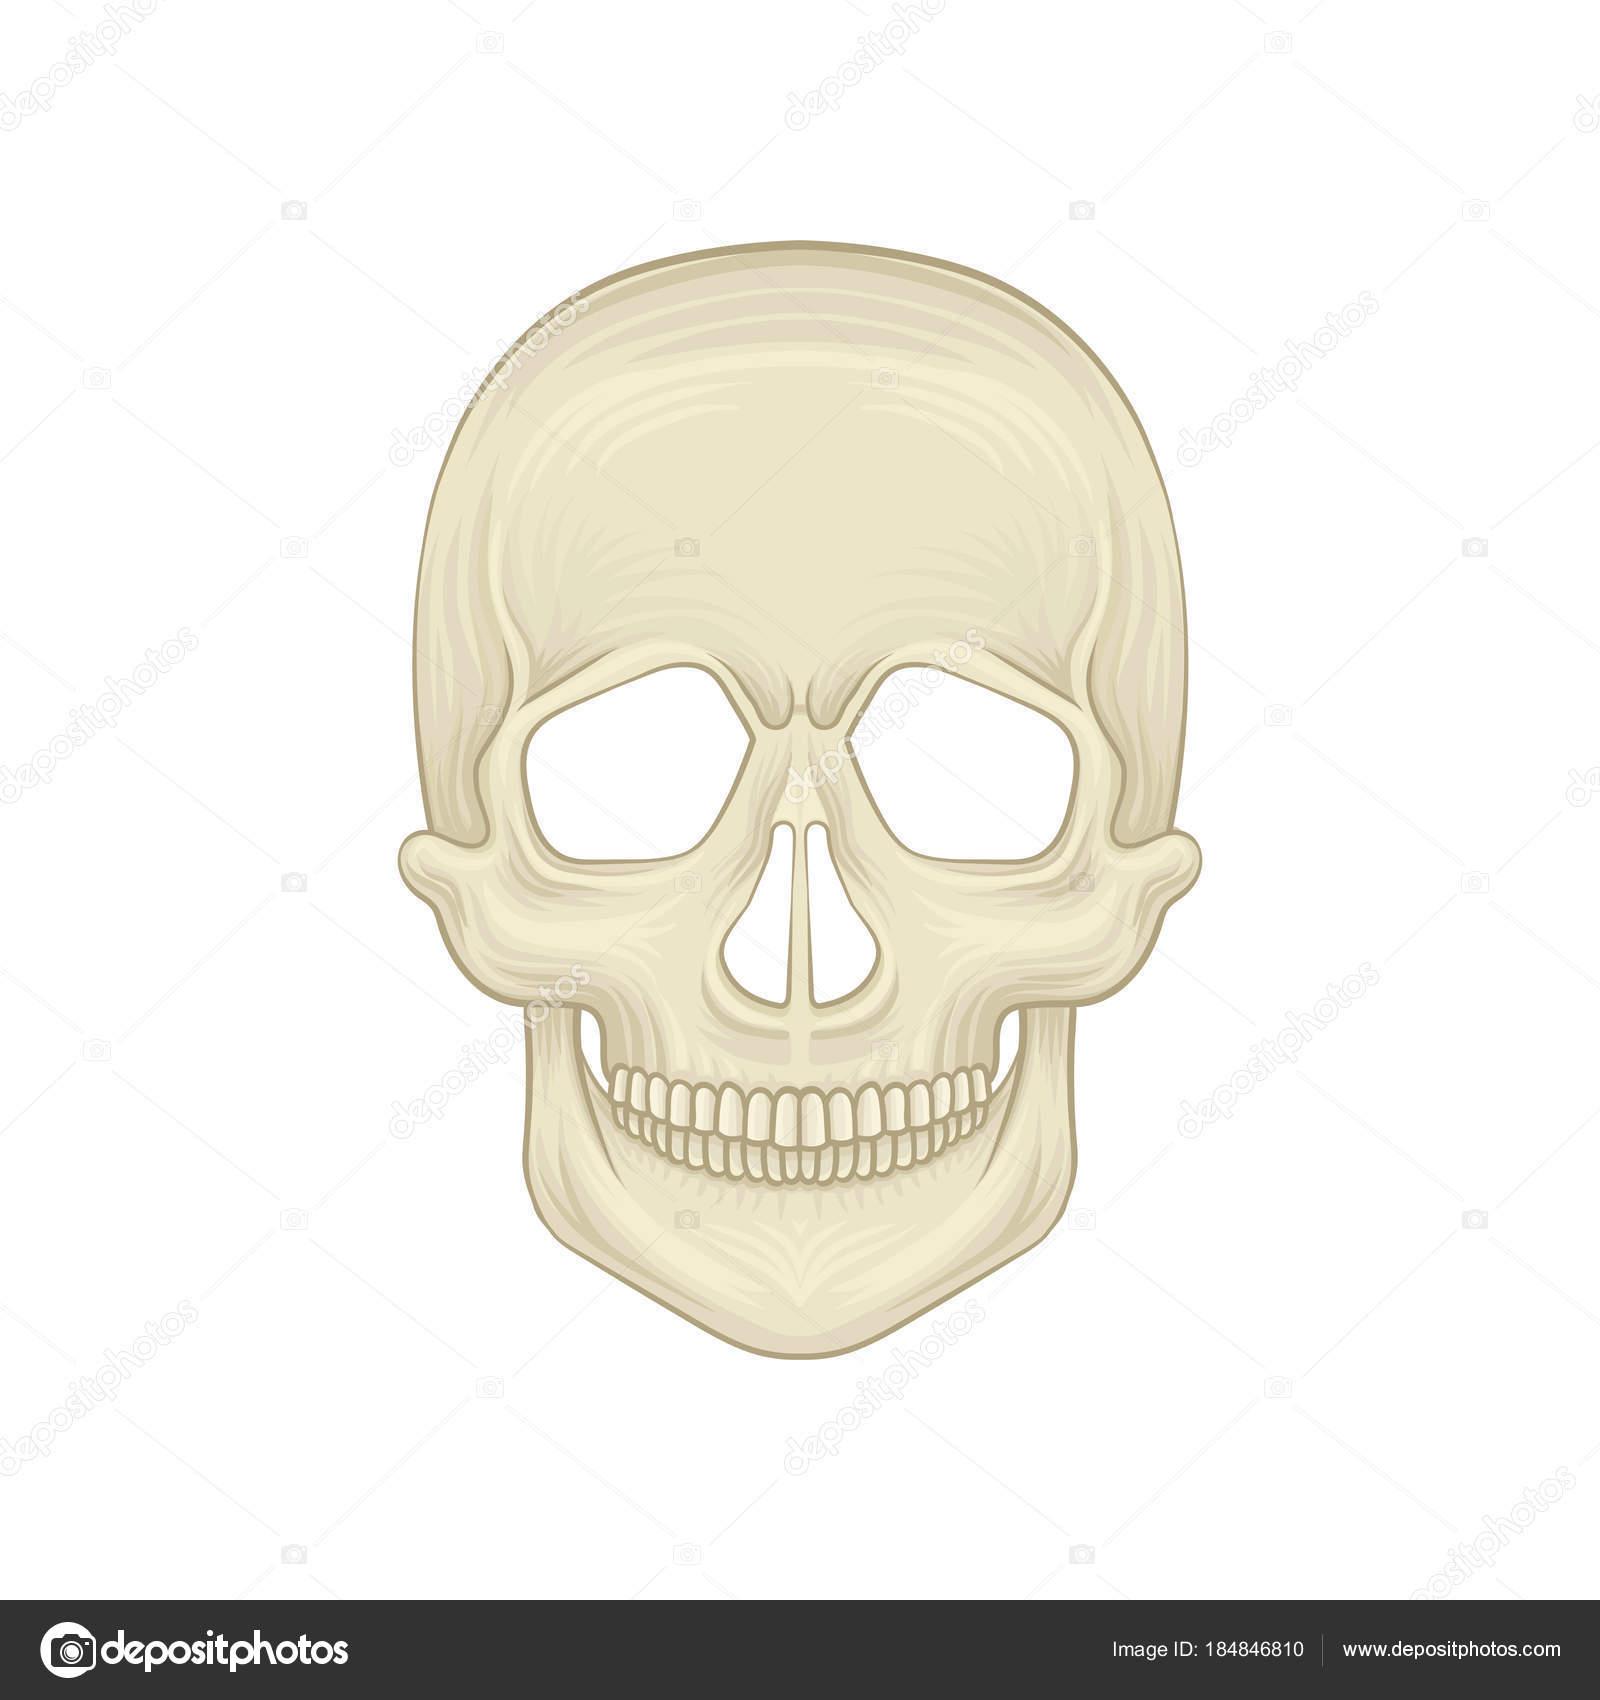 Estructura del cráneo humano - la parte ósea de la cabeza. Icono de ...